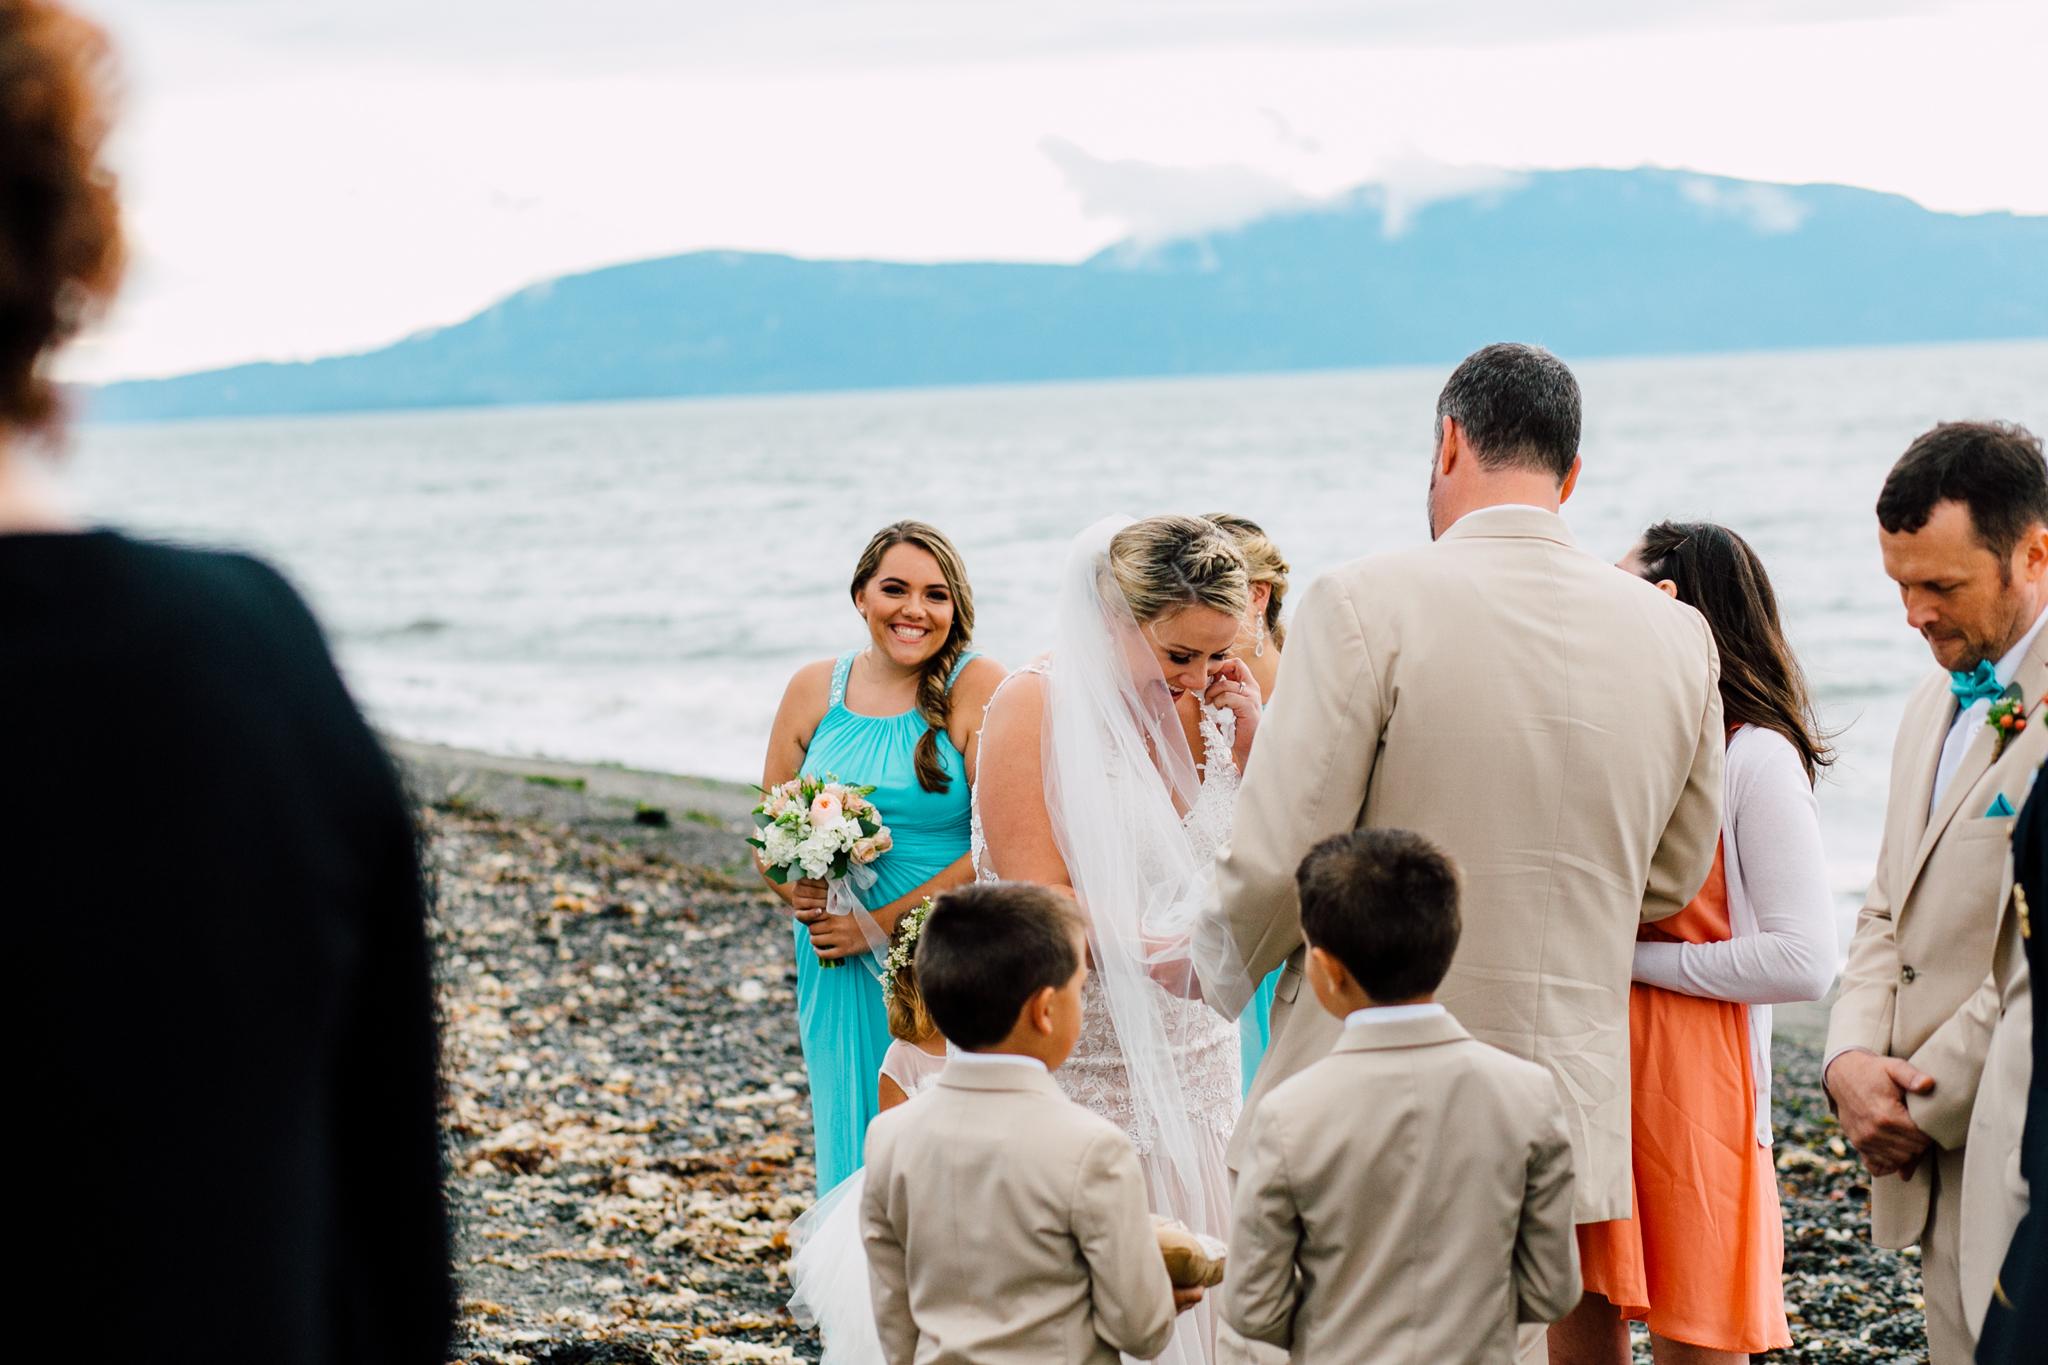 065-bellingham-wedding-photographer-beach-katheryn-moran-elisa-phillip.jpg